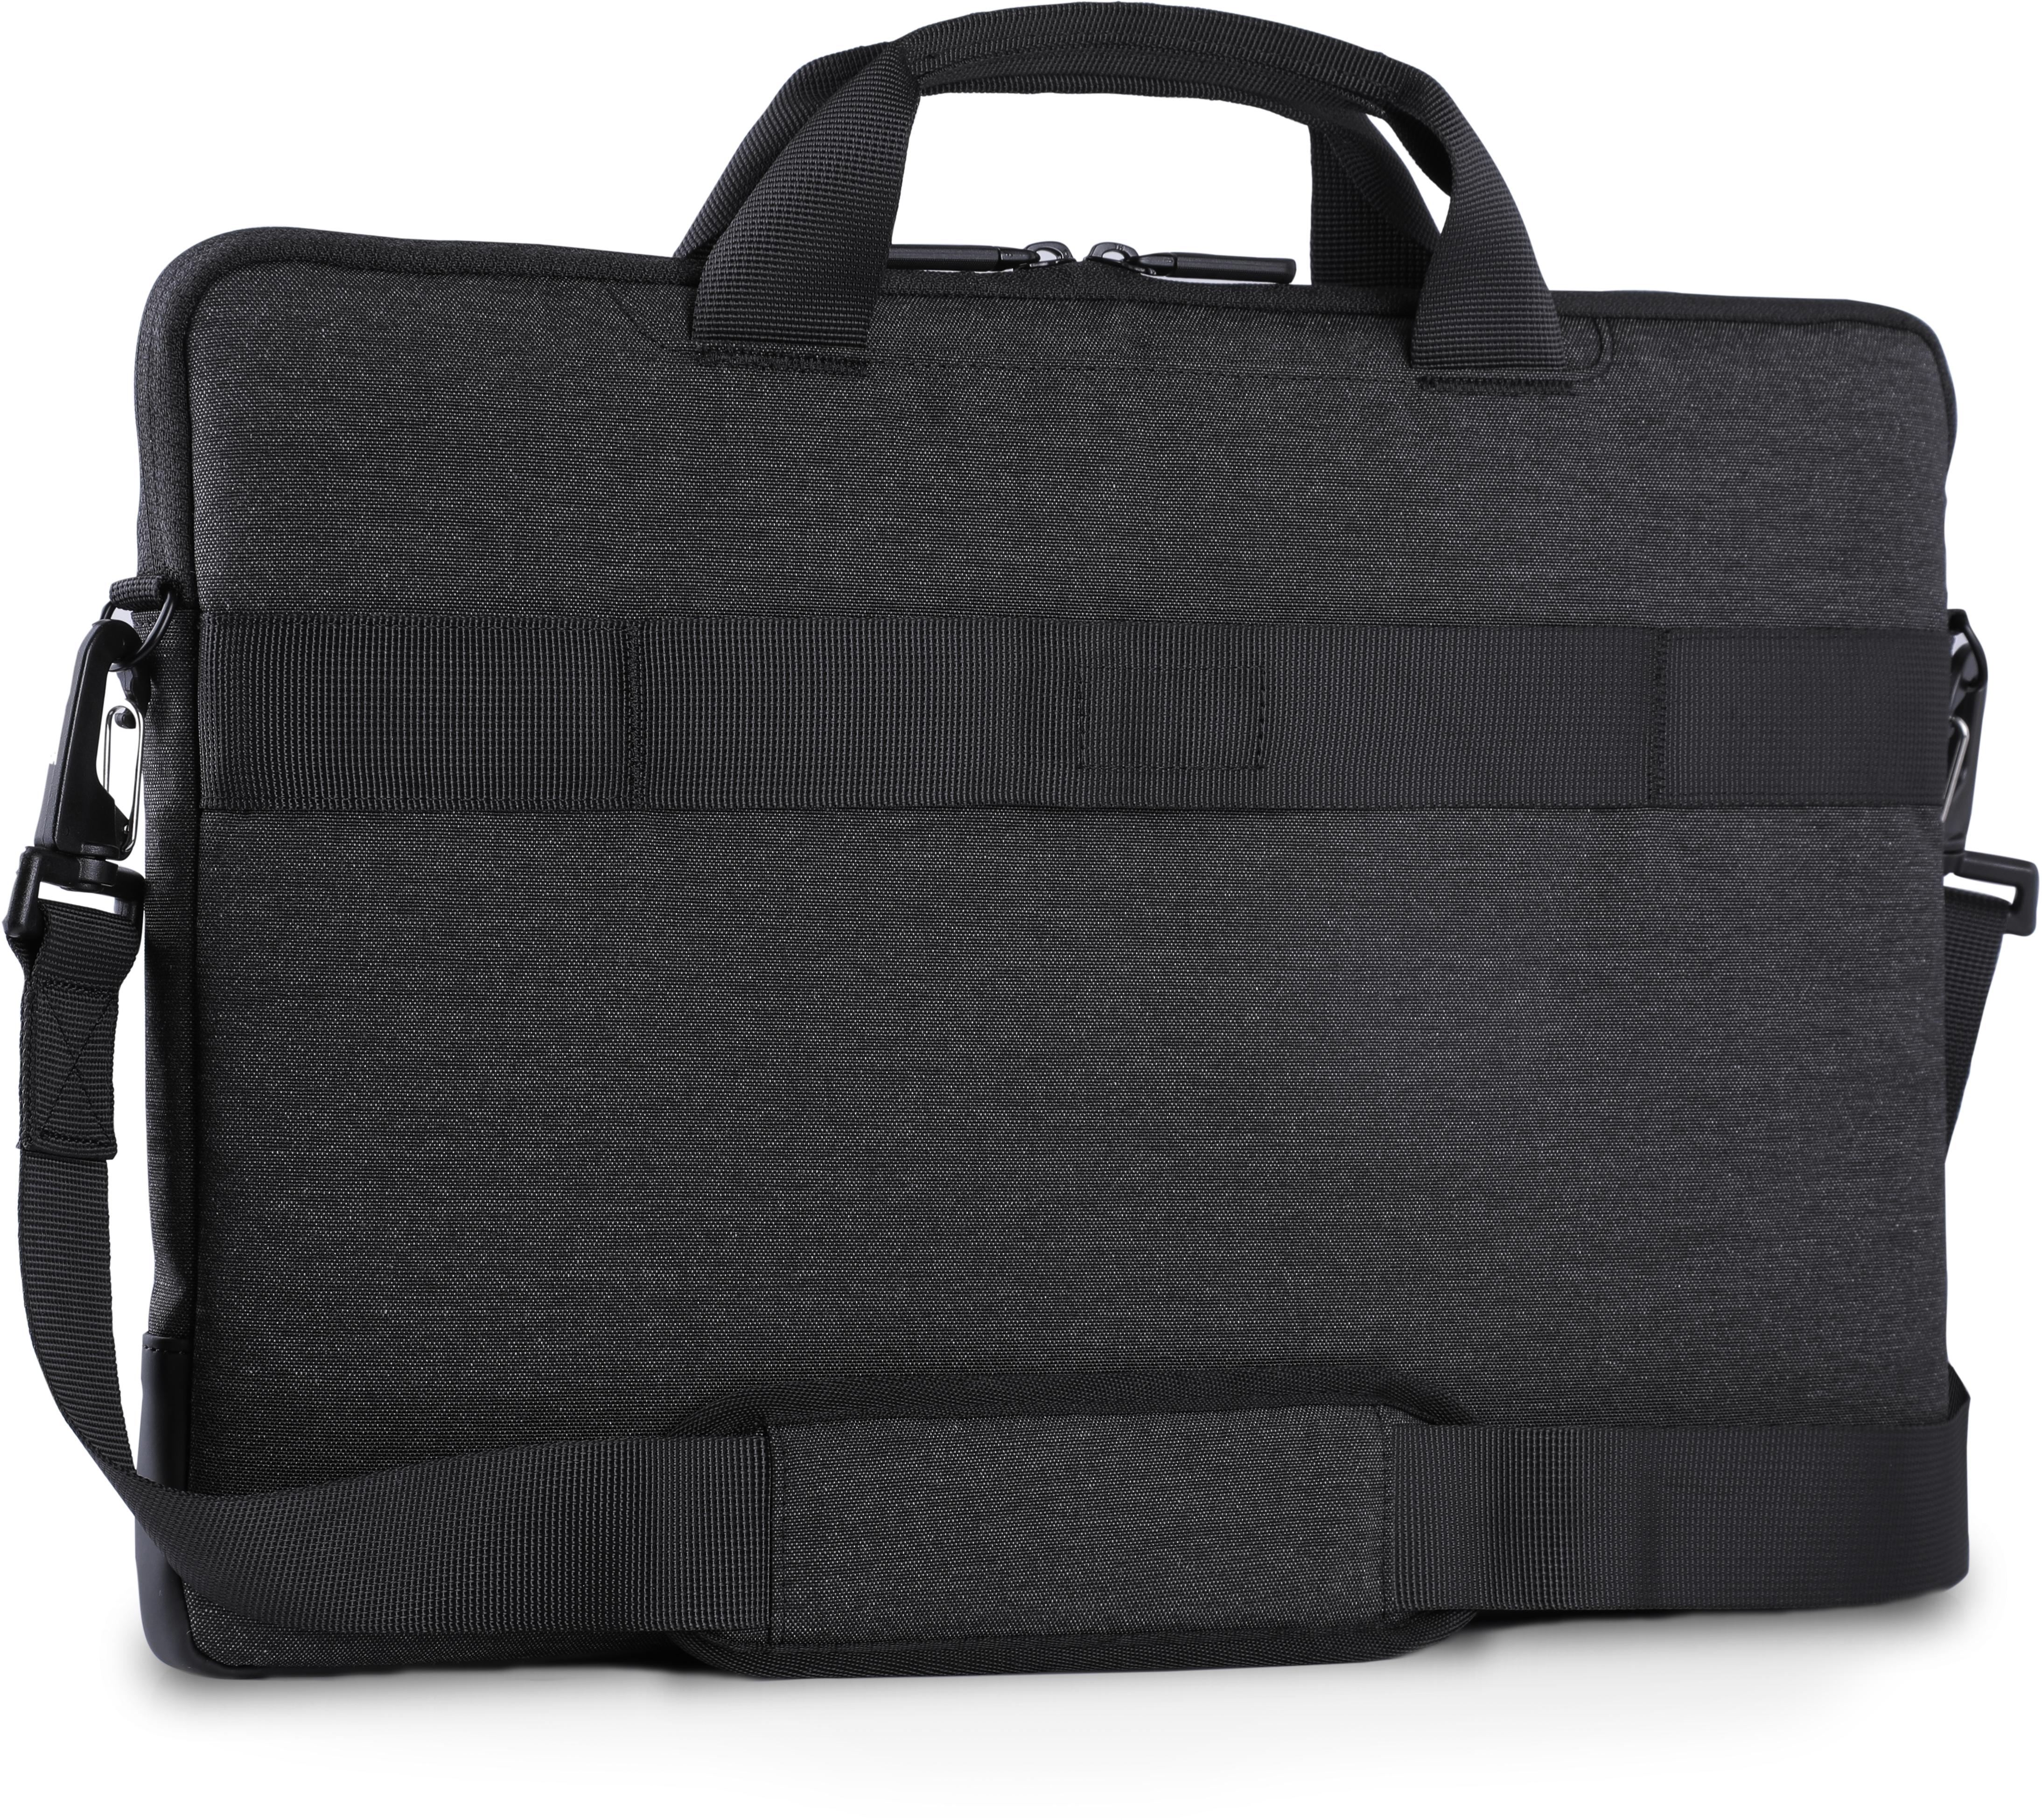 601370286f5 Dell Professional Sleeve 14 Zwart - Prijzen - Tweakers